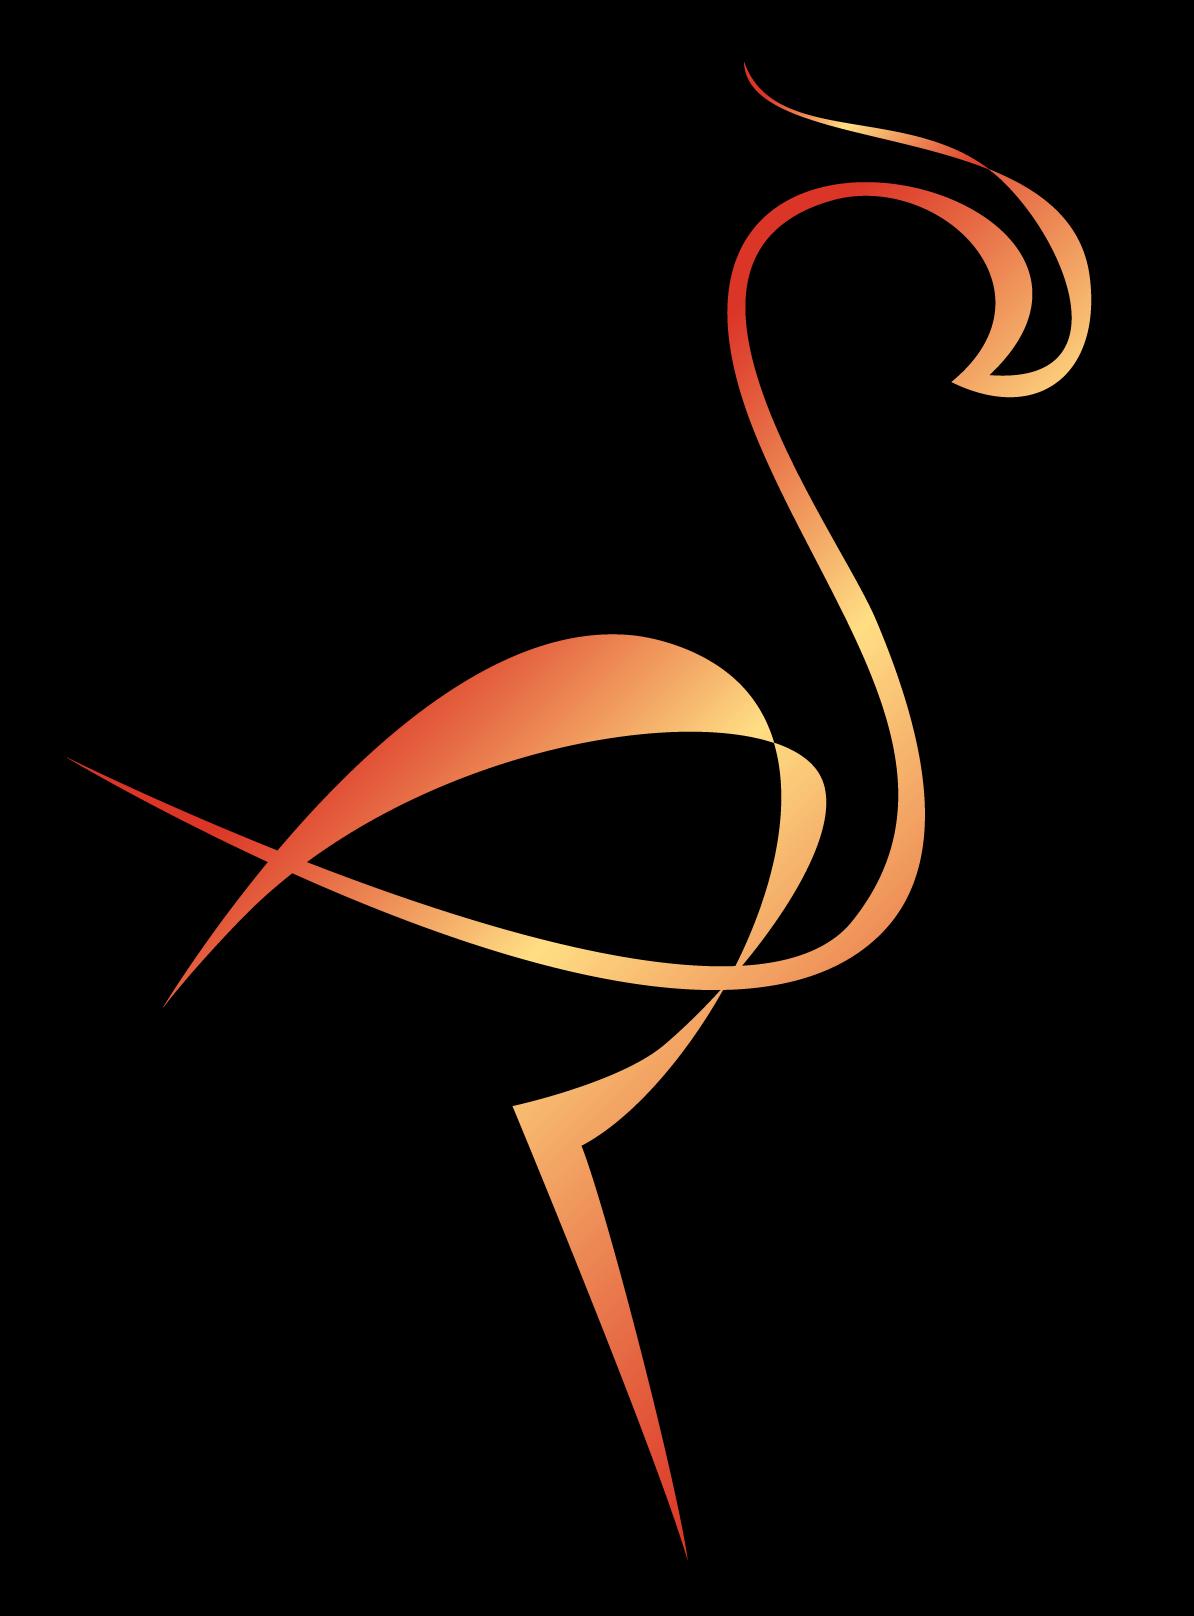 Złote logo Flamingos Clothes na przezroczystym tle - kobiece sukienki z naturalnych tkanin